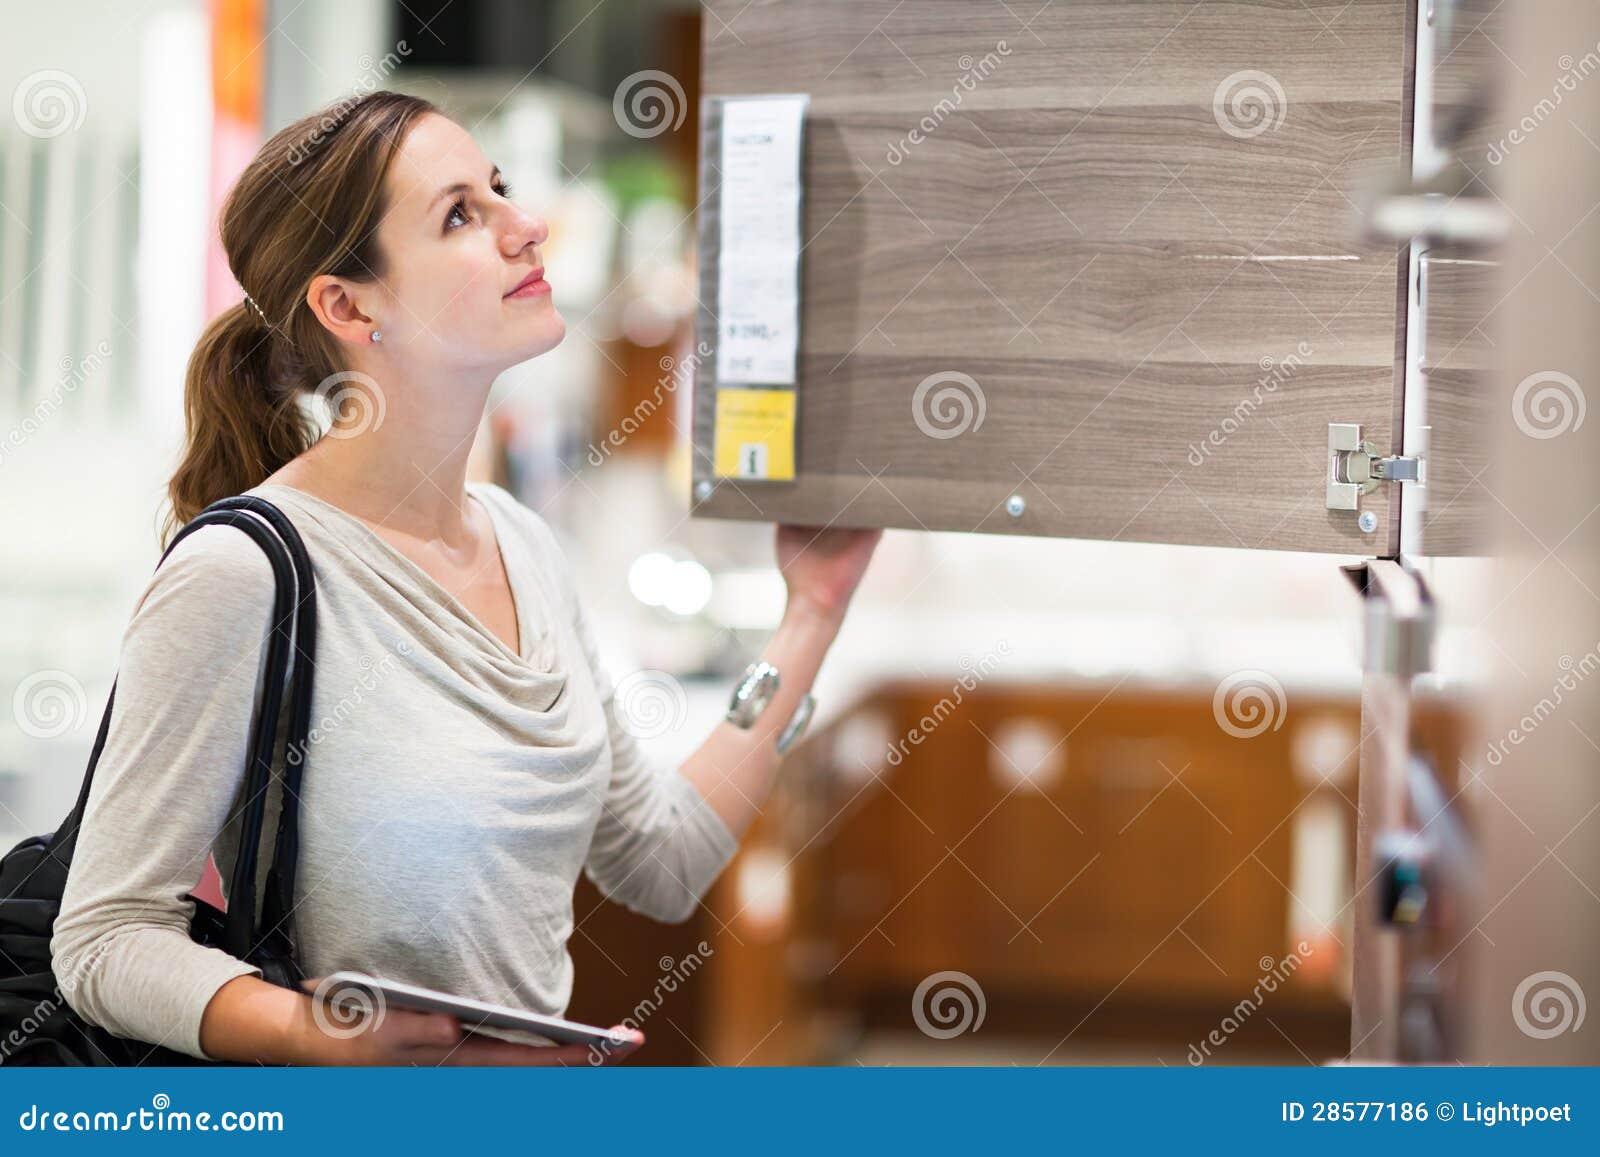 Einkaufen der jungen Frau für Möbel in einem Möbelgeschäft